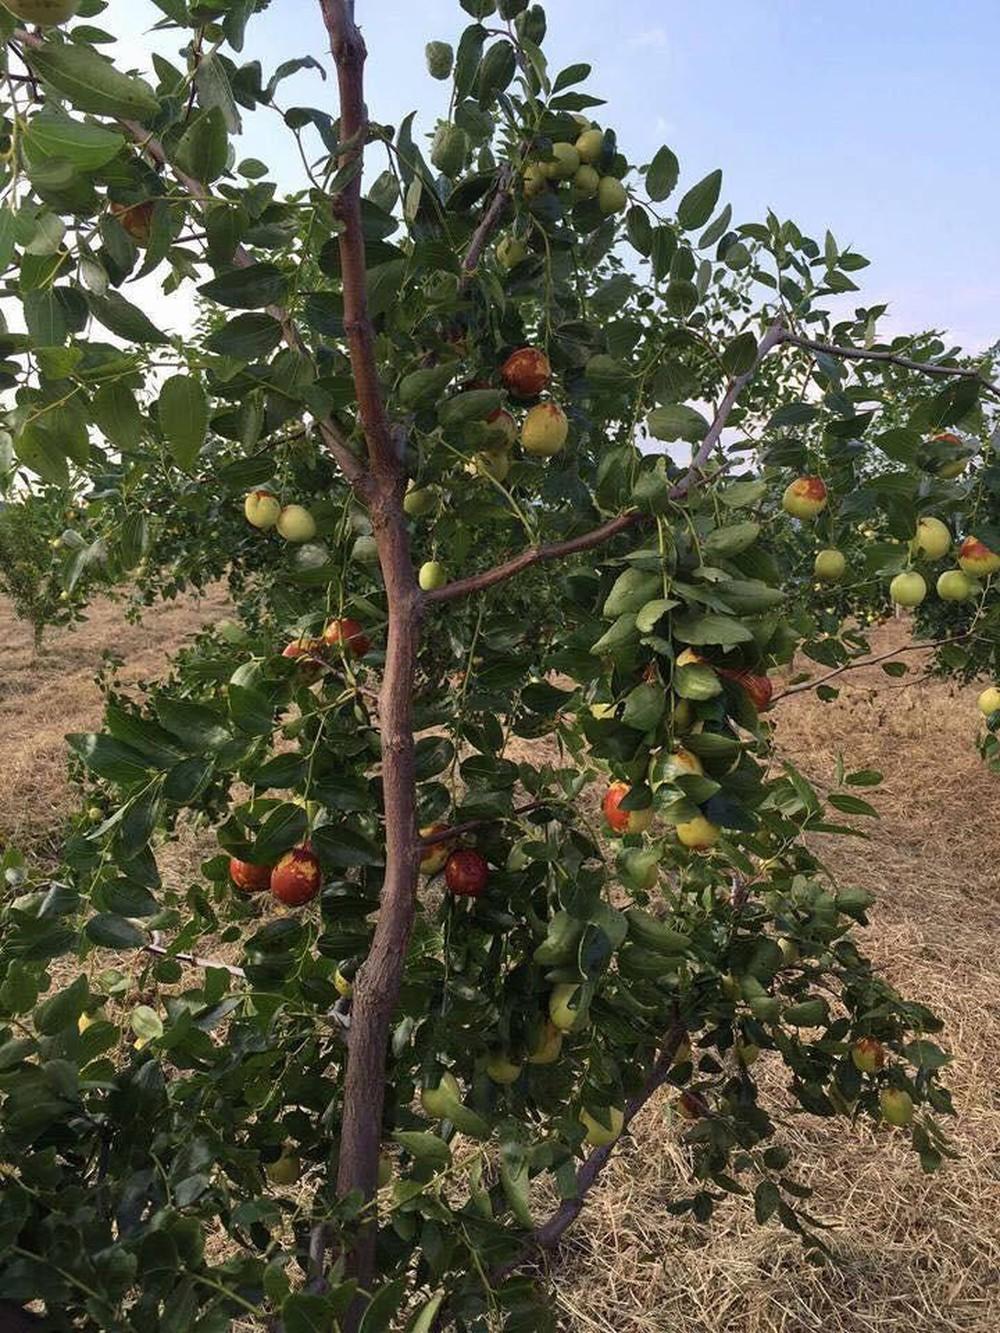 Cây táo đỏ có thể sinh trưởng ở môi trường vô cùng khắc nhiệt.